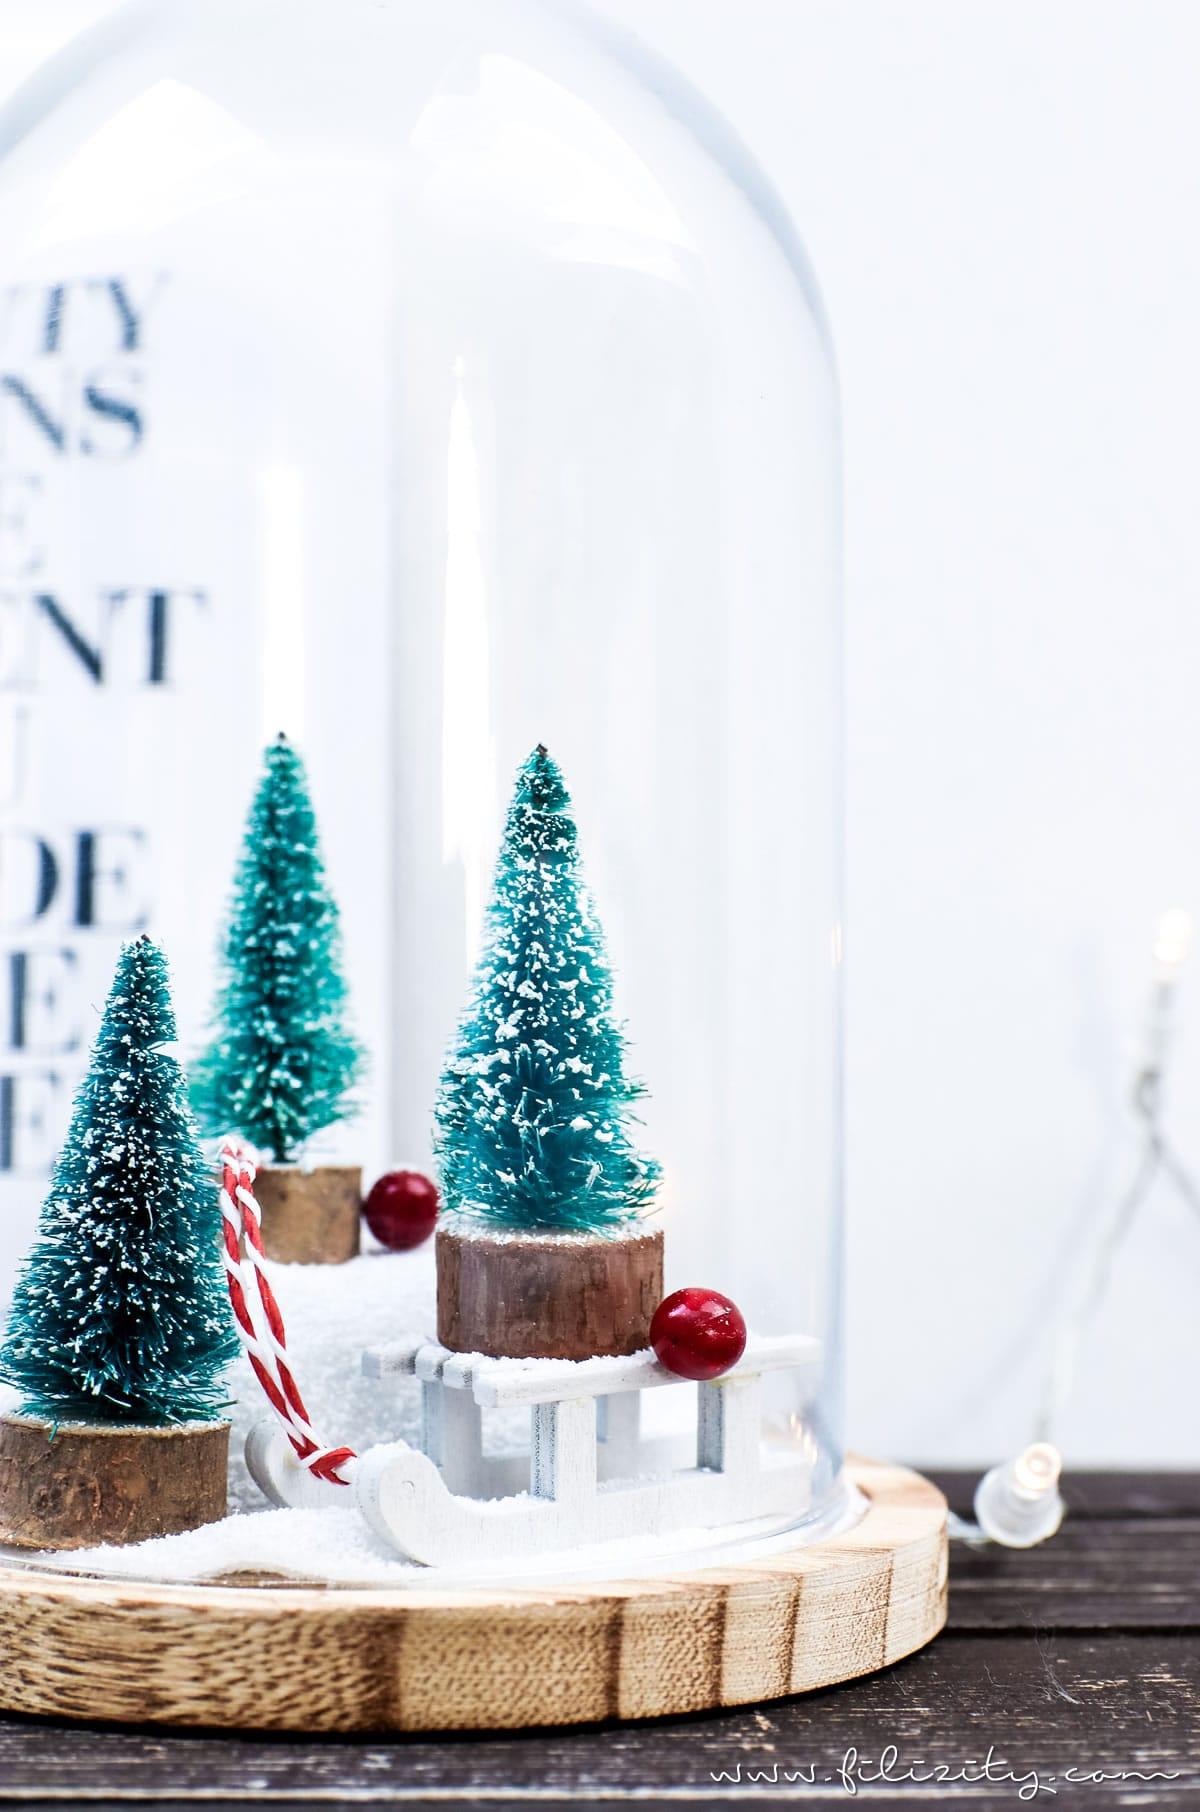 DIY Weihnachtsdeko 'Winterwonderland im Glas' | Filizity.com | DIY-Blog aus dem Rheinland #weihnachten #winter #deko #ohtannenbaum